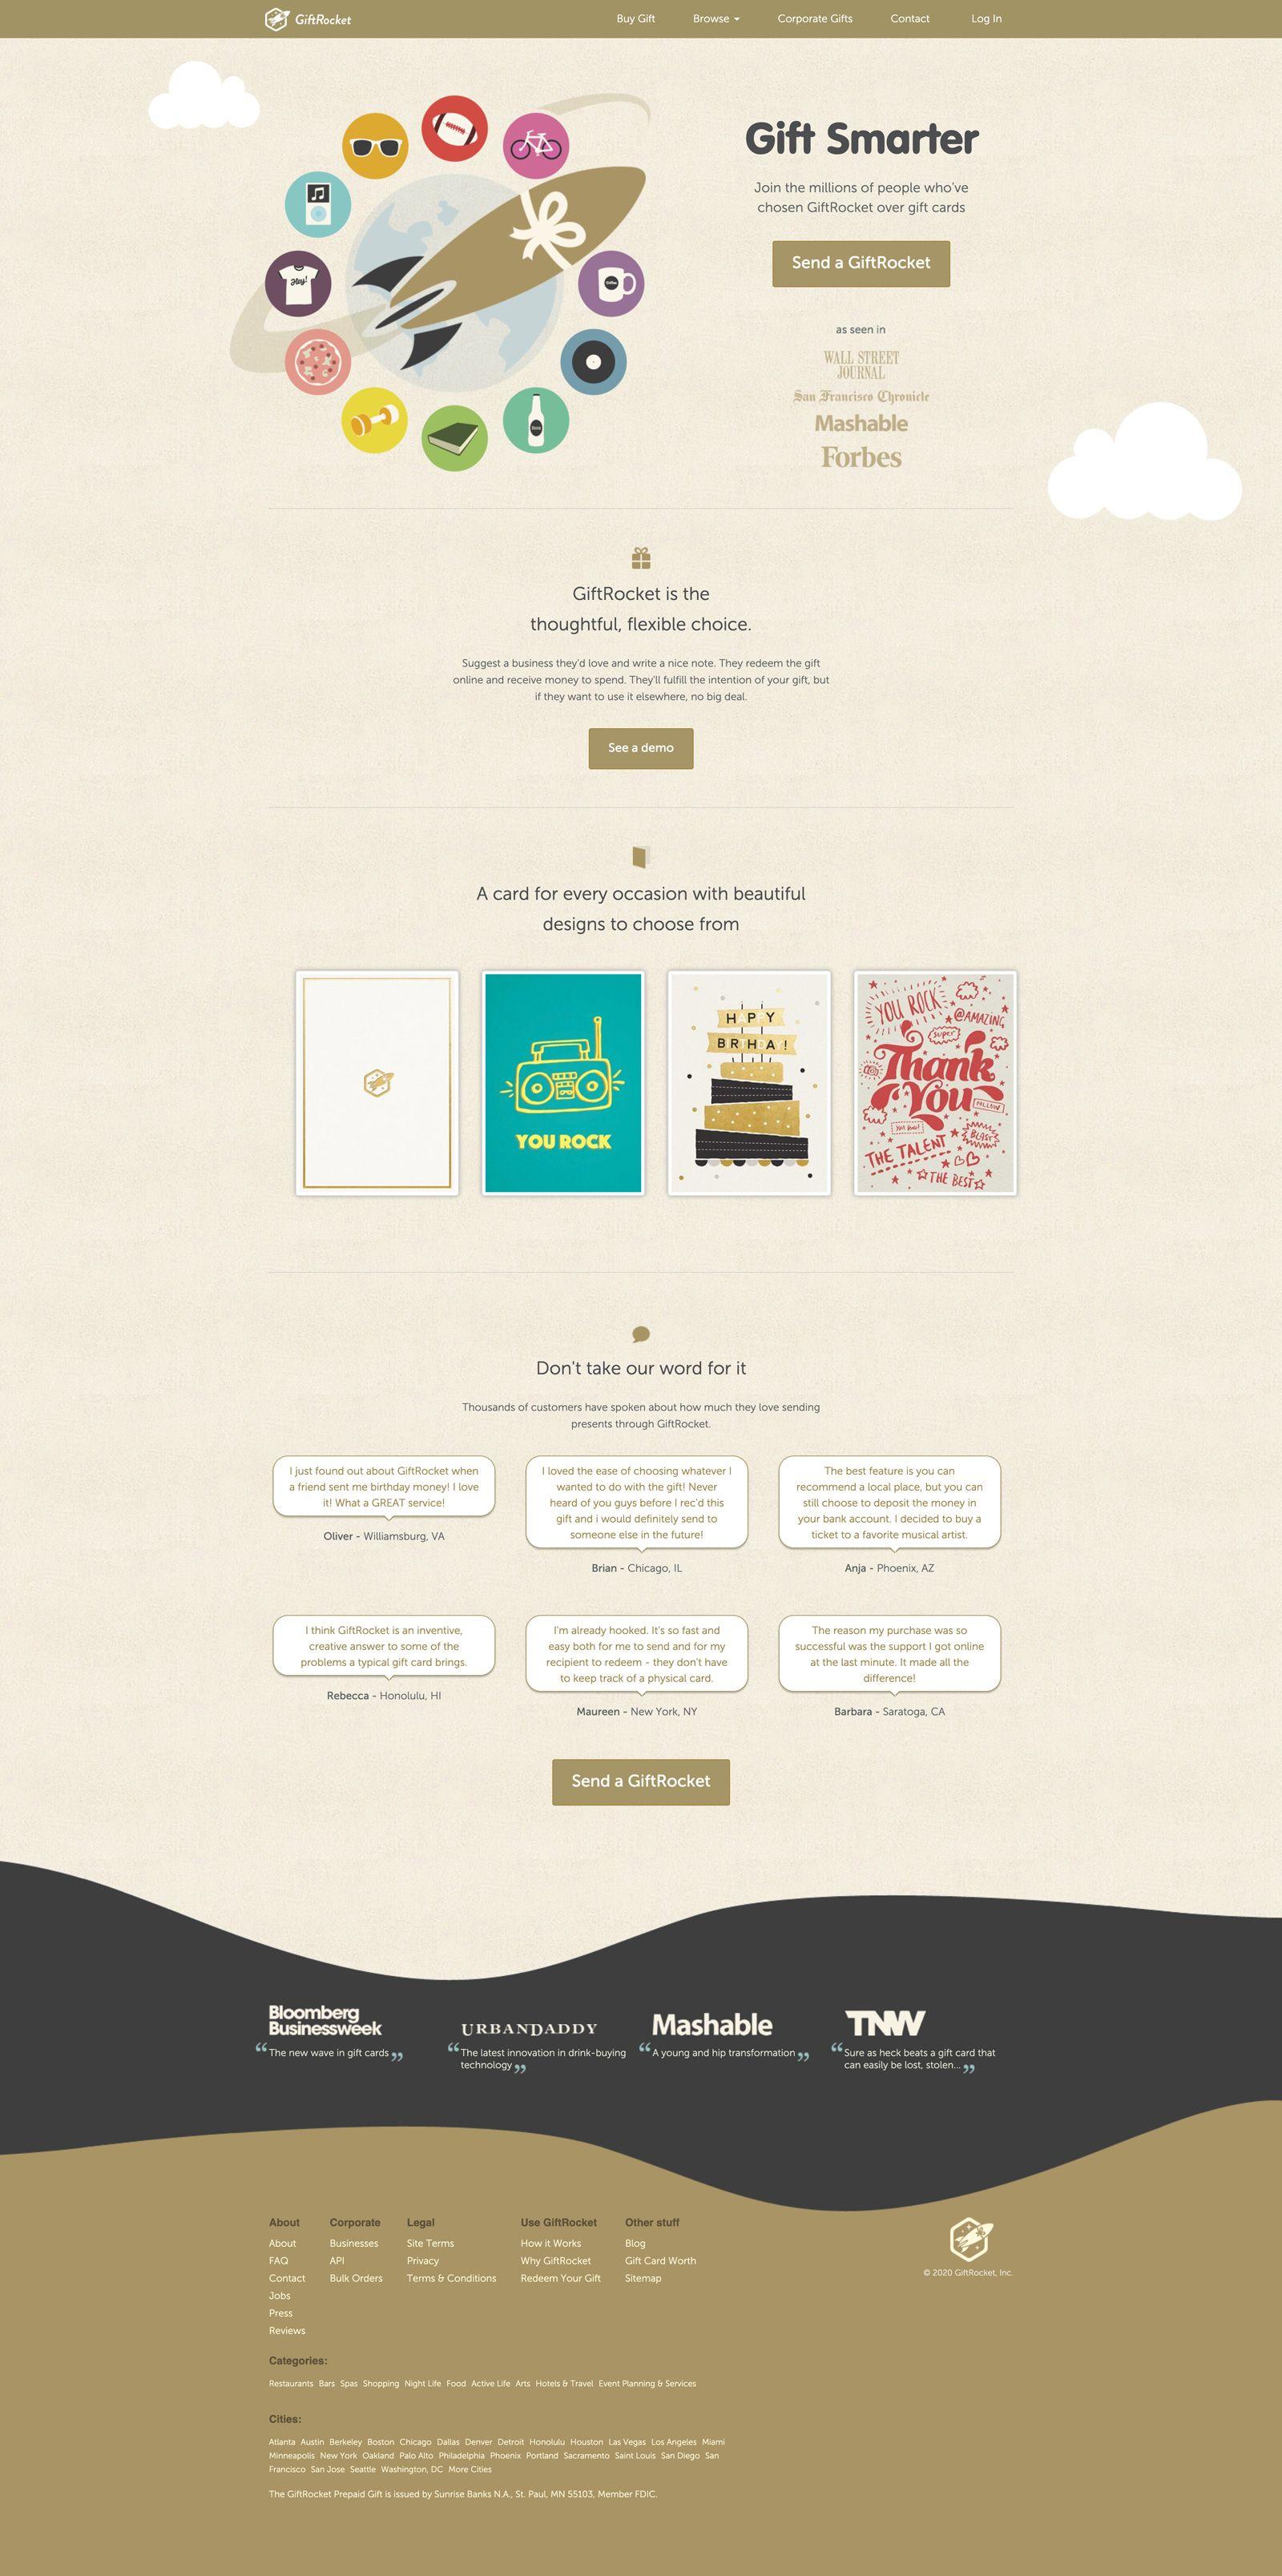 15 Best Examples Of Website Footer Design In 2020 Footer Design Website Footer Web Design